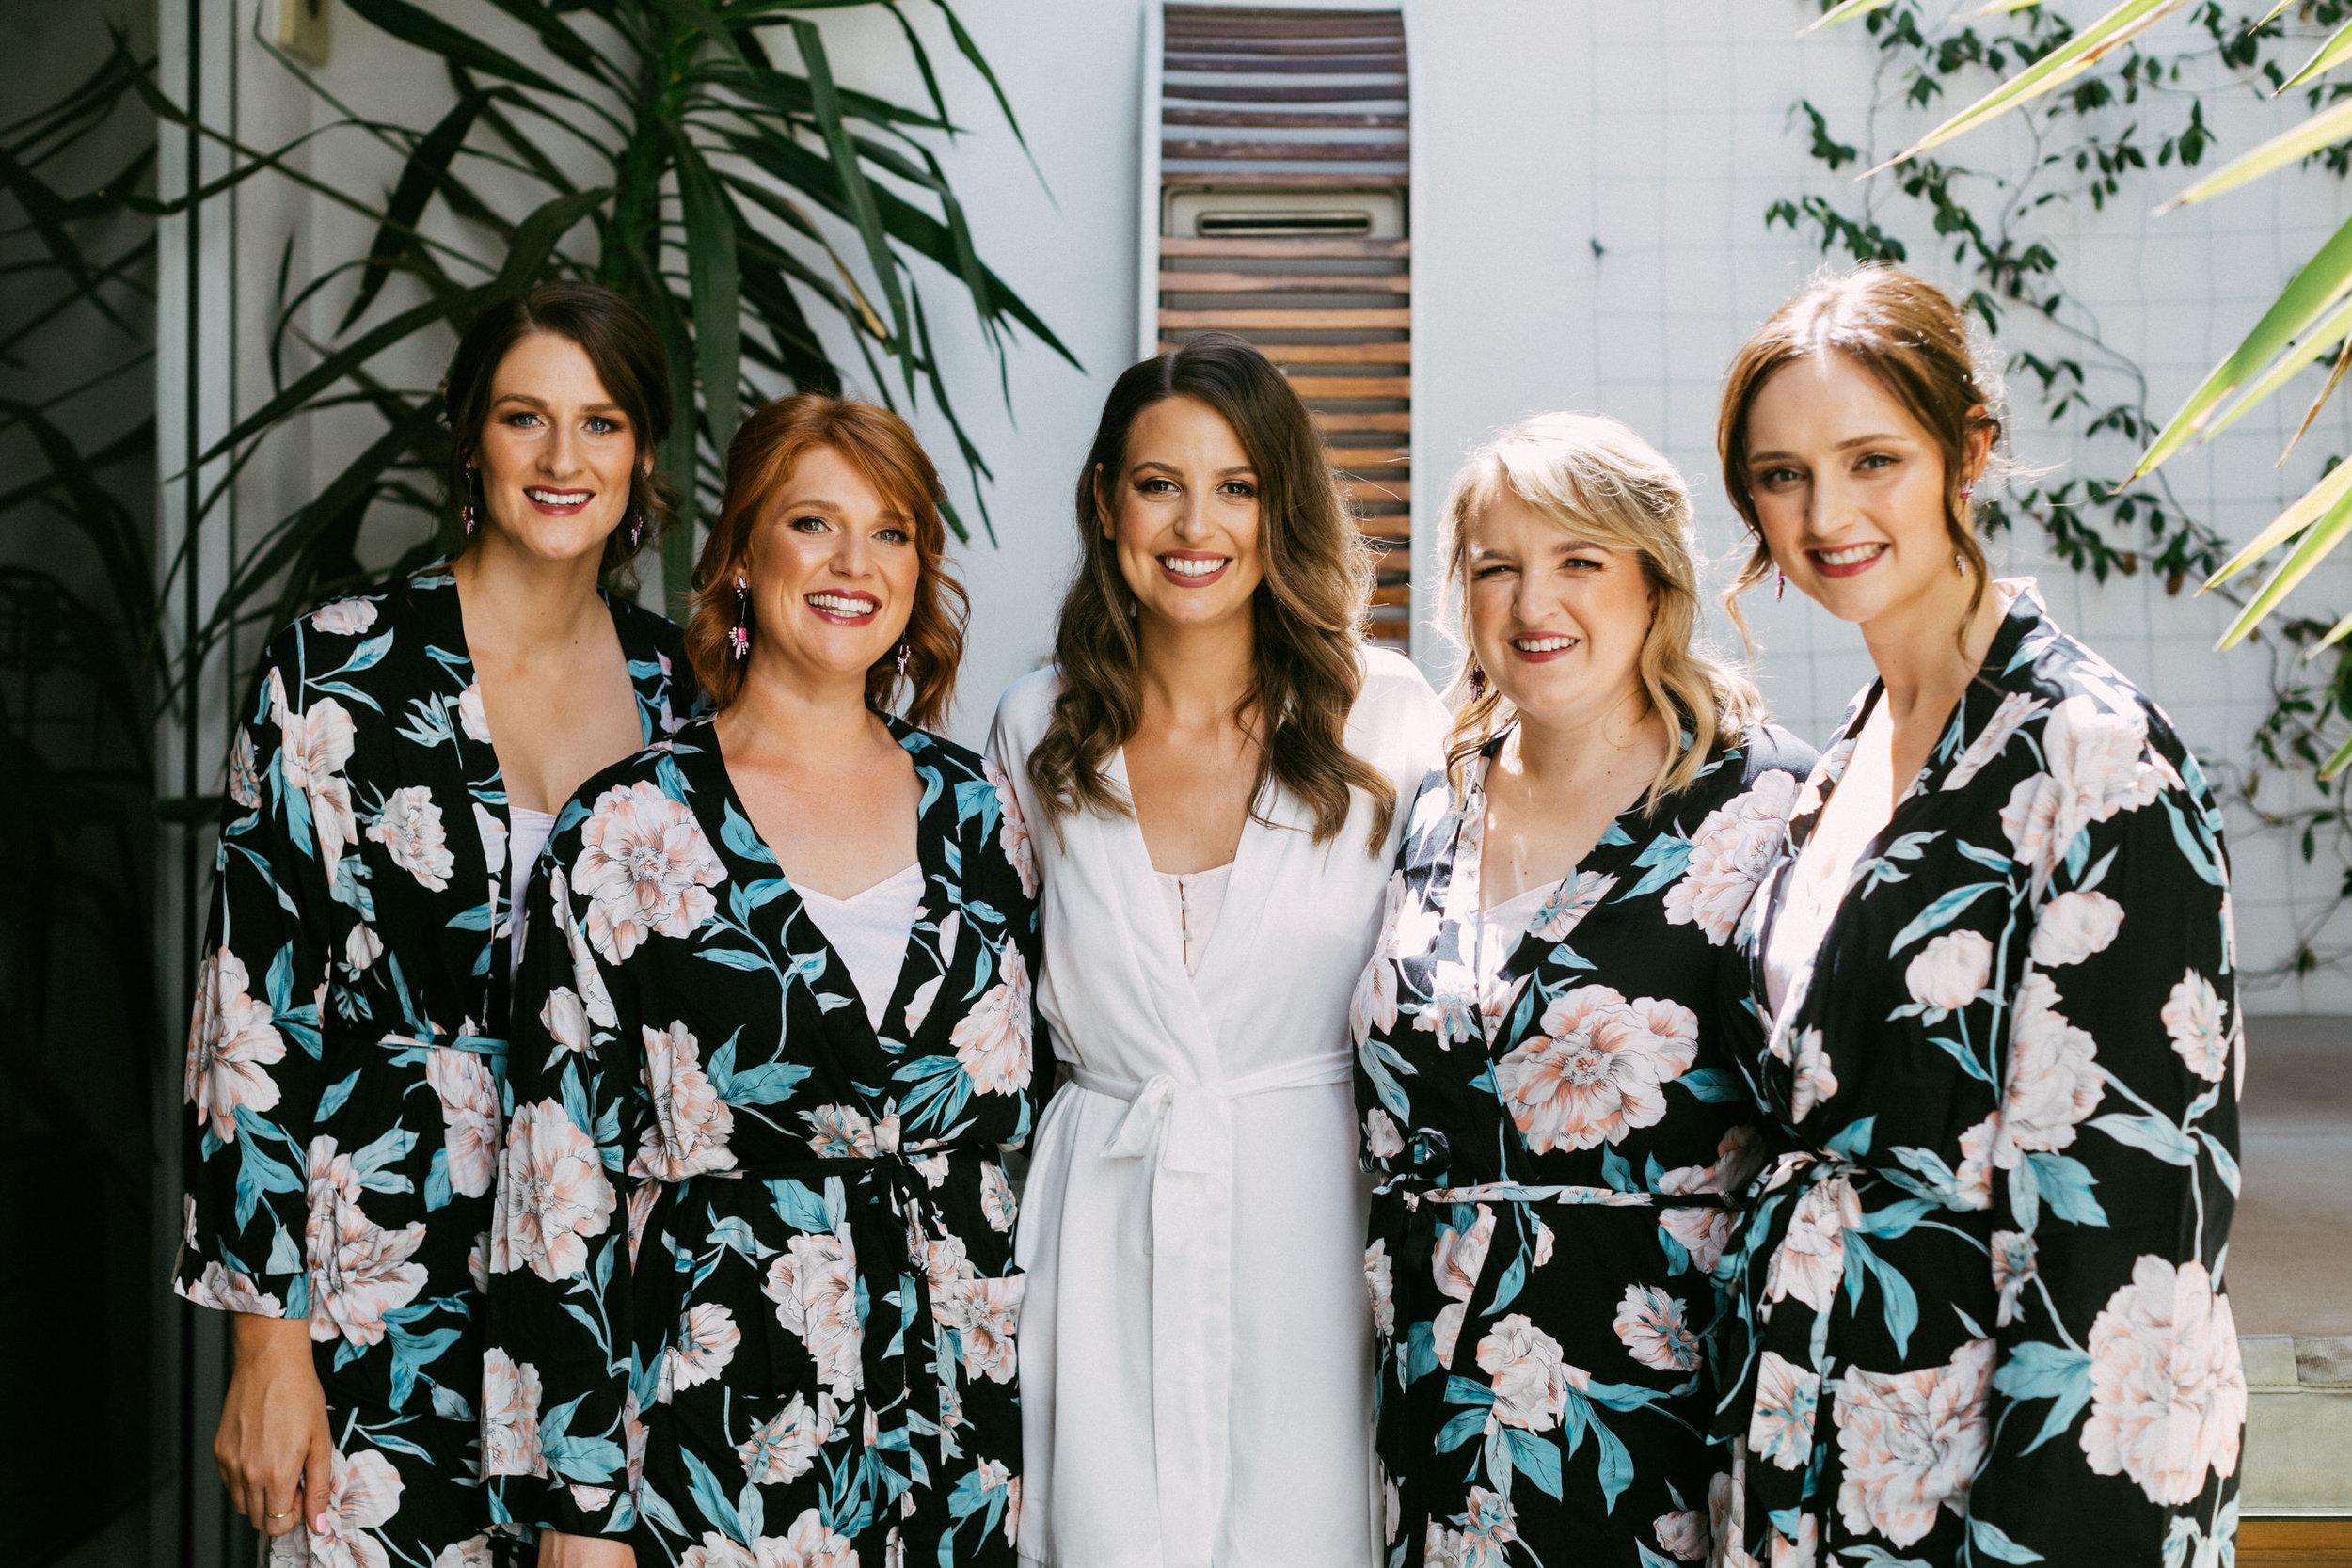 Adelaide City Fringe Garden Unearthly Delight Wedding 014.jpg